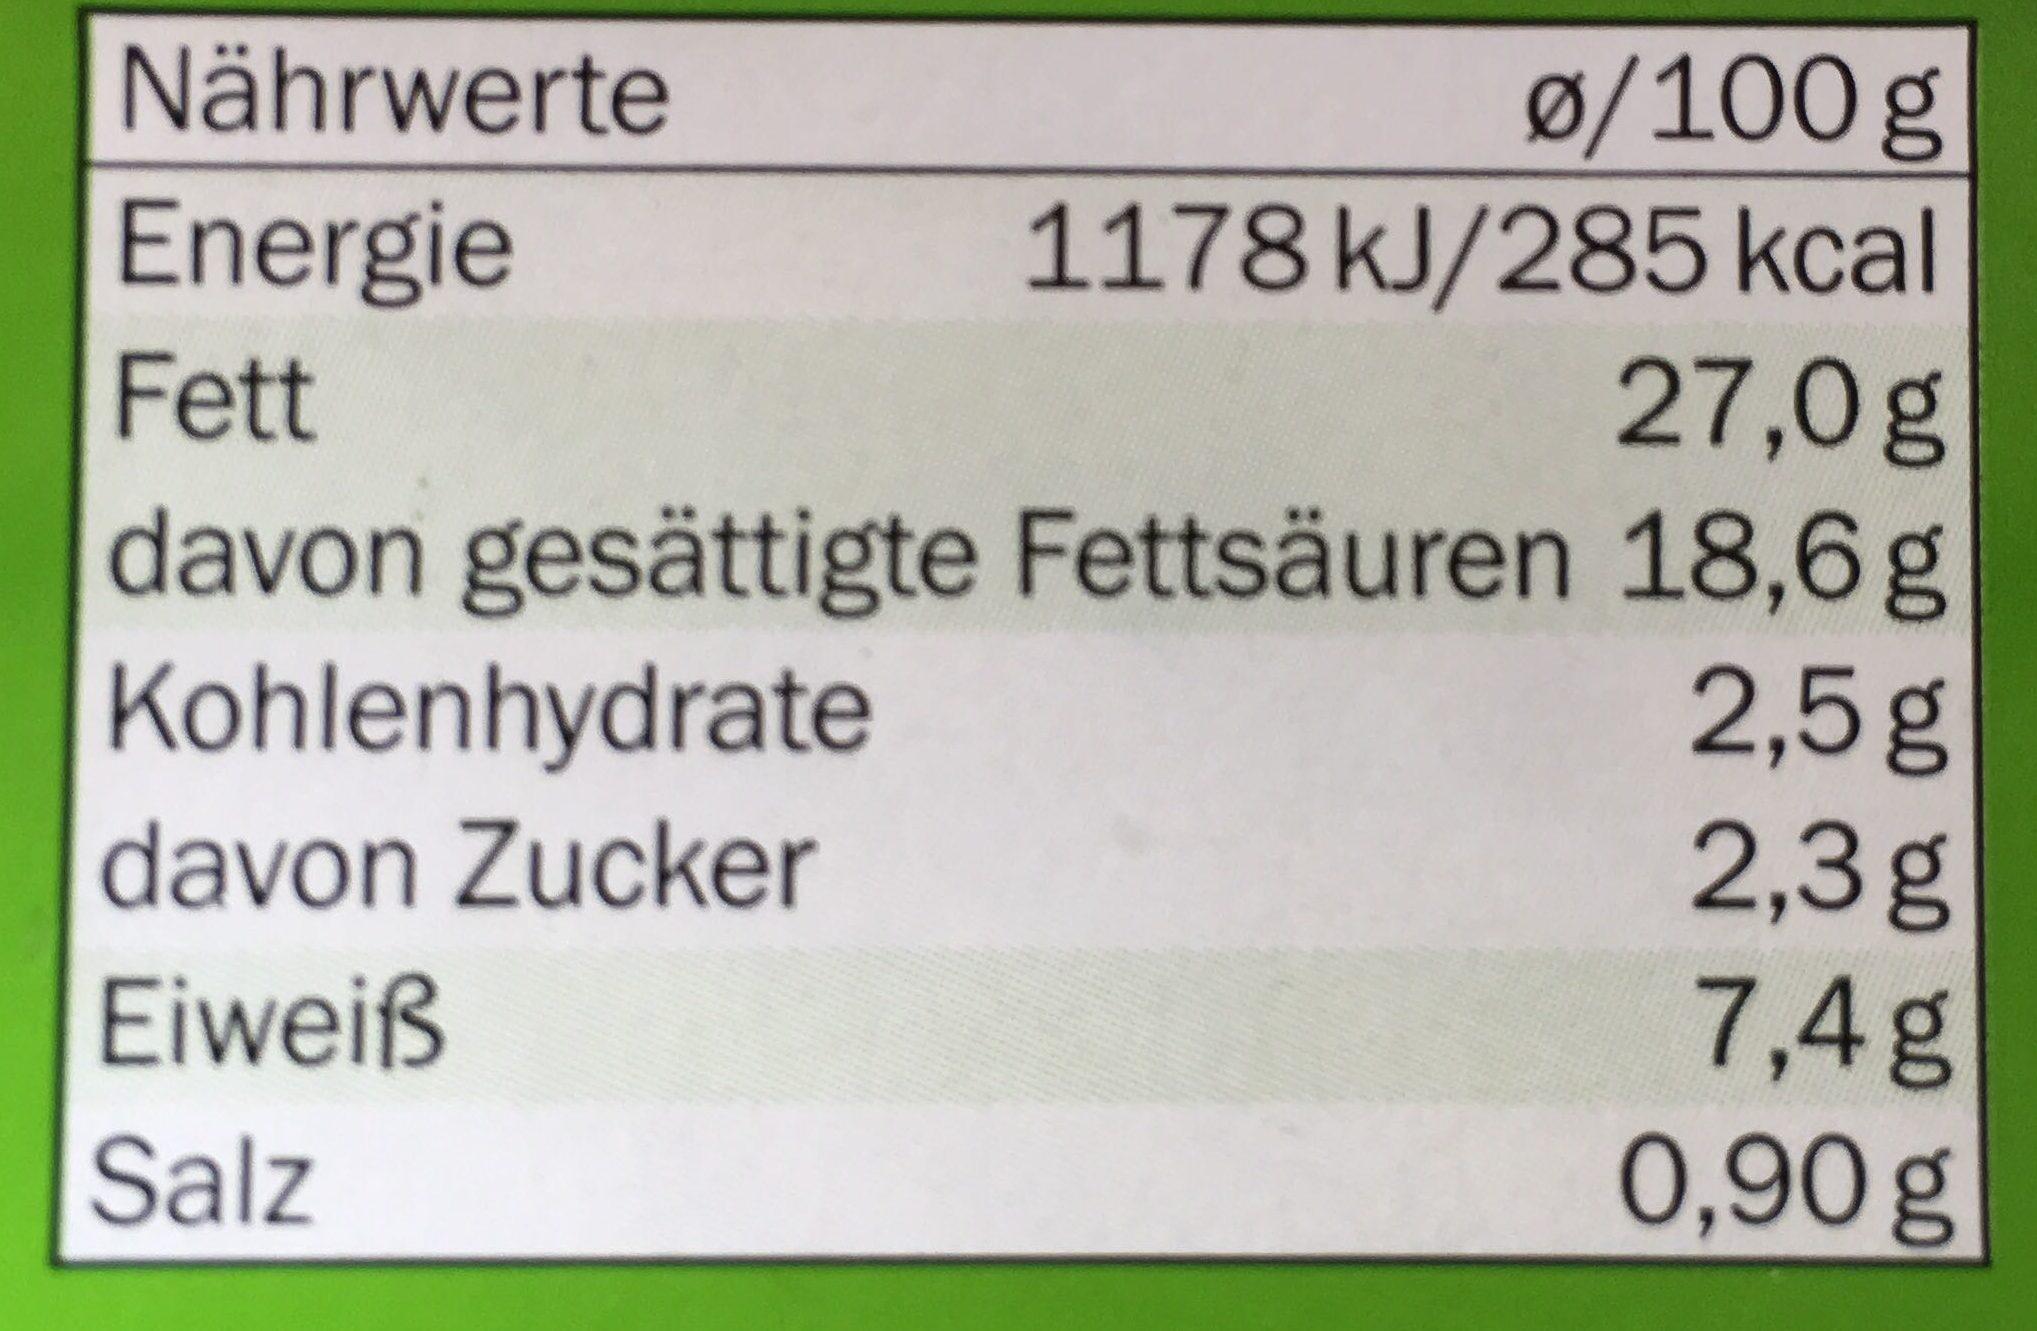 Schnittlauch Gartenfrisch - Voedingswaarden - de